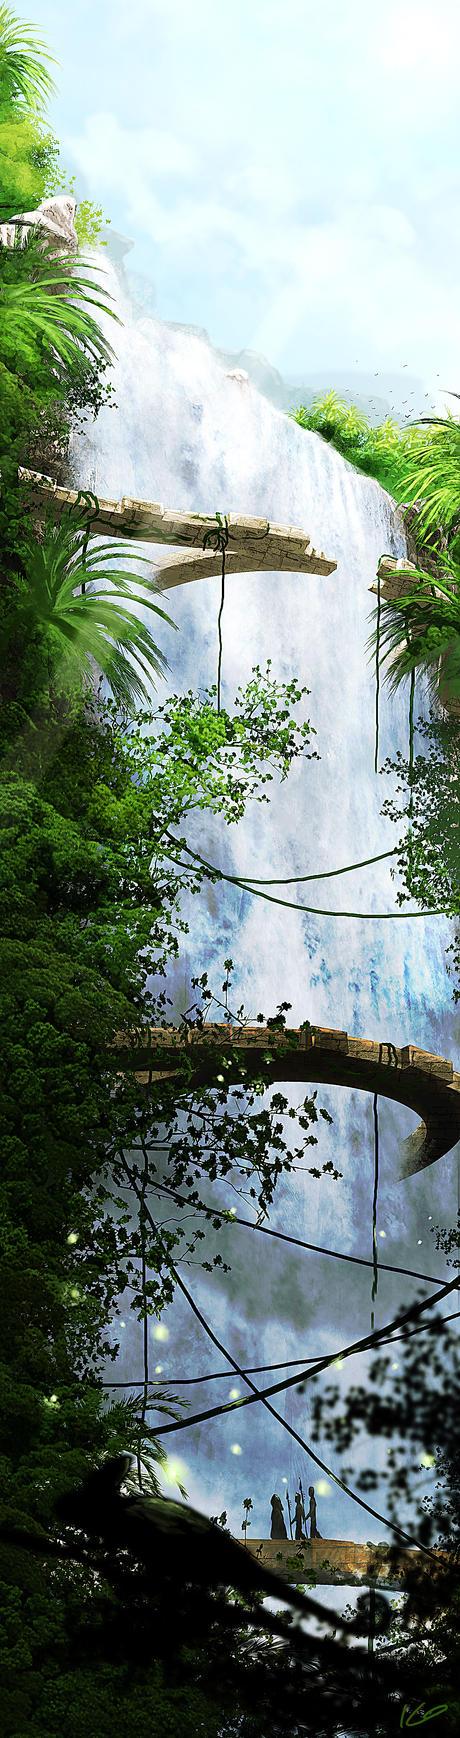 Waterfall by Athayar